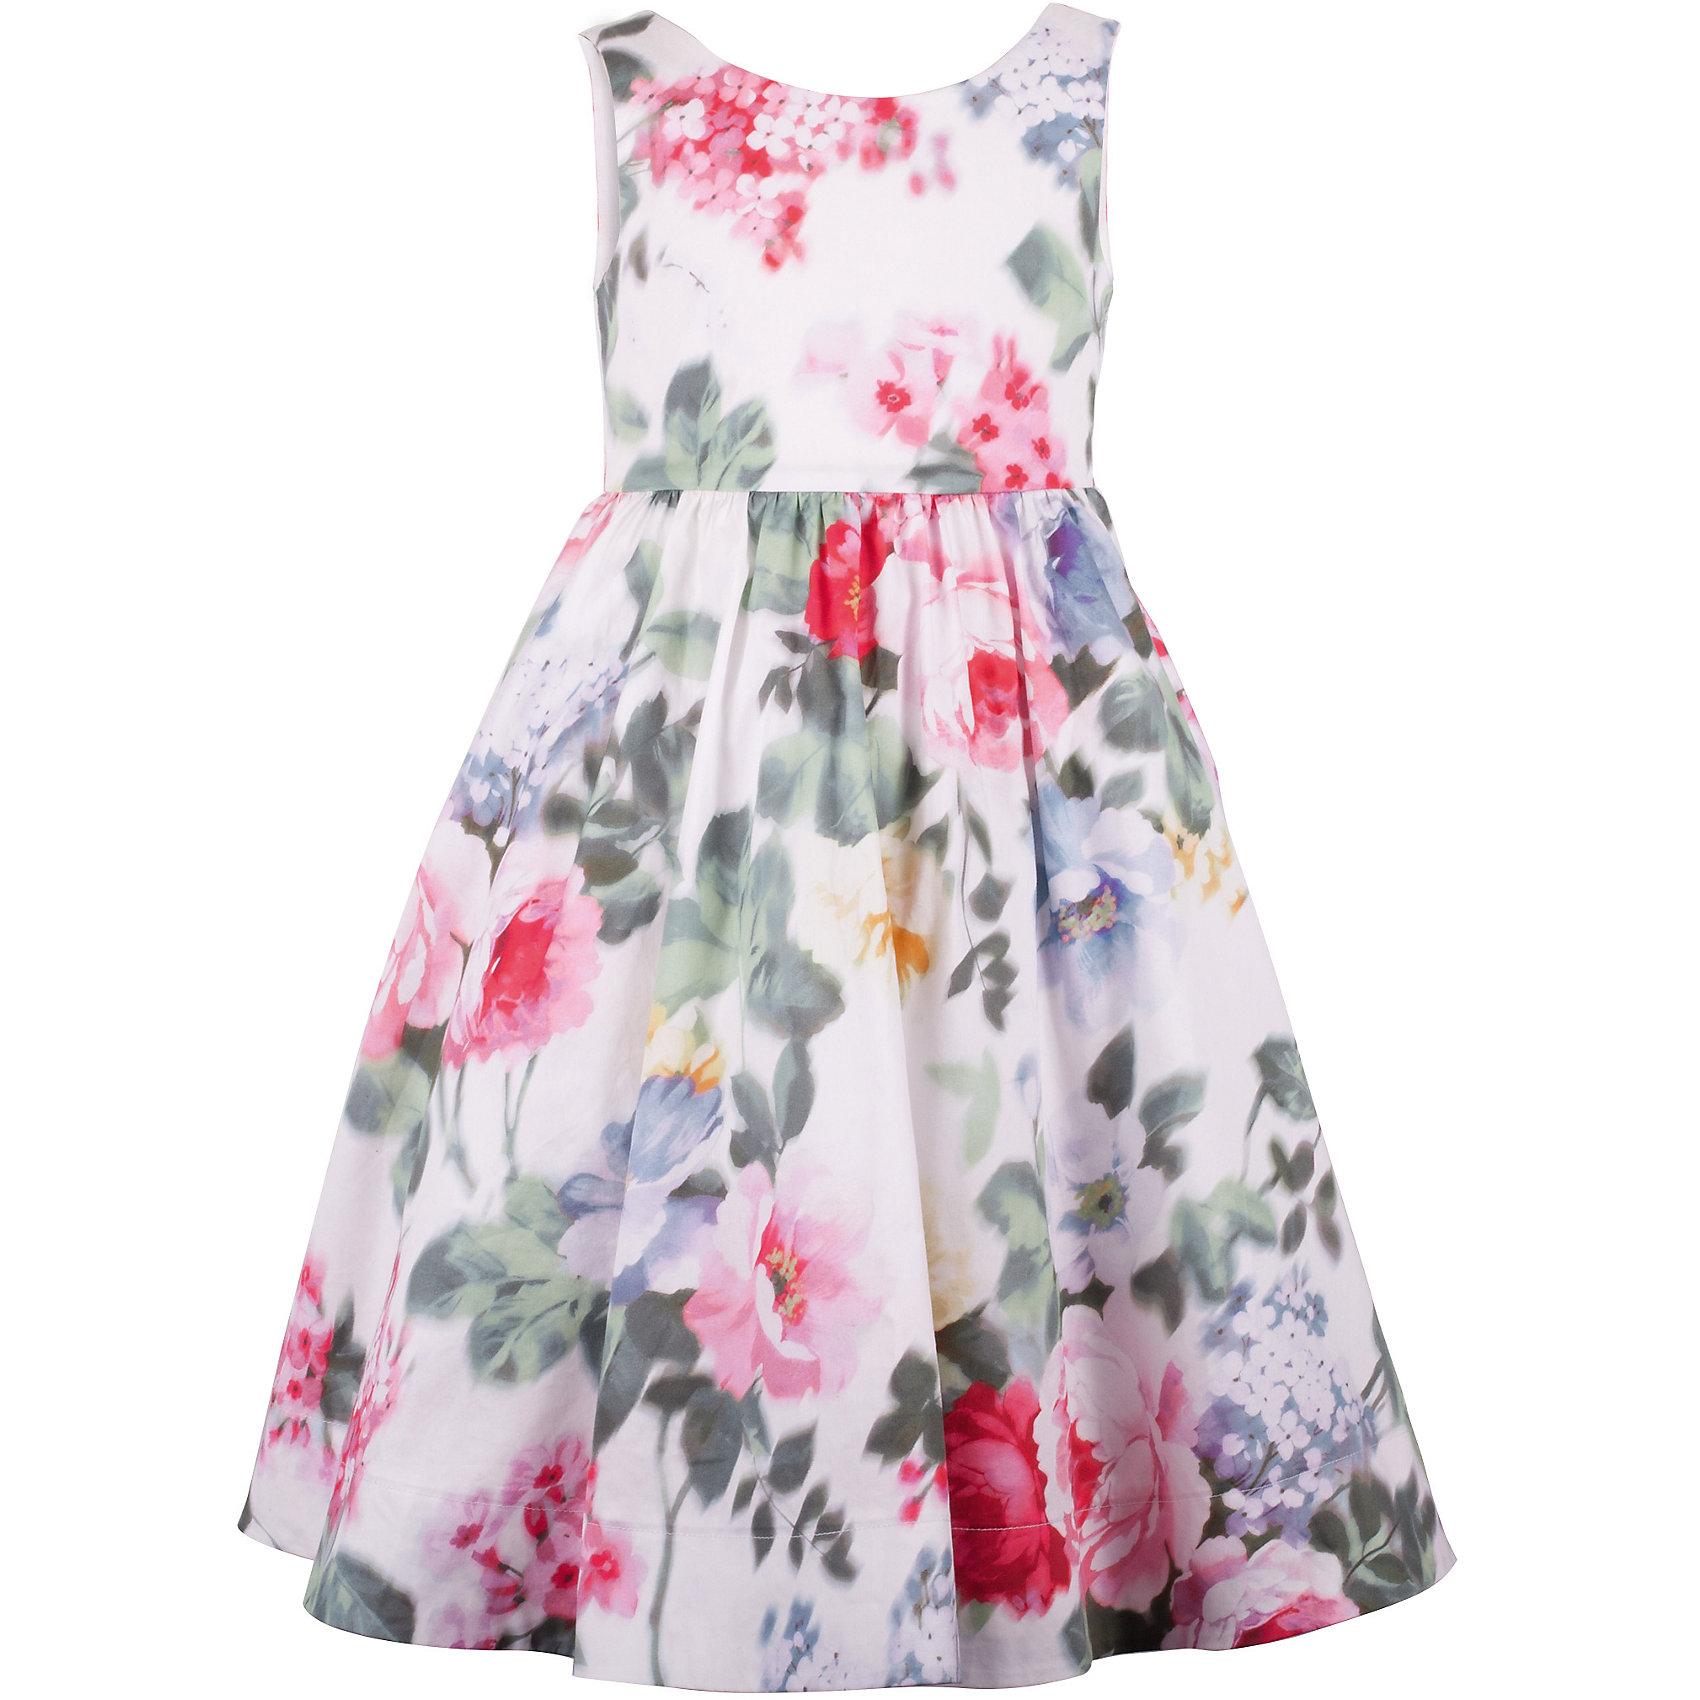 Платье для девочки GulliverОдежда<br>Роскошное платье из благородного хлопка с выразительным цветочным рисунком, сконцентрированном в средней части модели и плавно растворяющимся к верху и низу, производит неизгладимое впечатление! Изящный лиф, пышная юбка, продуманная длина модели и точные пропорции делают платье незаменимой моделью для выхода в свет. Оно привнесет в образ ребенка яркие индивидуальные черты, подчеркнет романтичность и утонченность и, конечно, привлечет восхищенные взгляды окружающих. Если вы хотите приобрести что-то необыкновенное, вам стоит купить это платье из коллекции Акварель. Оно создаст образ современной принцессы с хорошим вкусом и благородными манерами.<br>Состав:<br>верх:                100% хлопок; подкладка:           100% хлопок<br><br>Ширина мм: 236<br>Глубина мм: 16<br>Высота мм: 184<br>Вес г: 177<br>Цвет: белый<br>Возраст от месяцев: 24<br>Возраст до месяцев: 36<br>Пол: Женский<br>Возраст: Детский<br>Размер: 98,104,110,116<br>SKU: 5483394